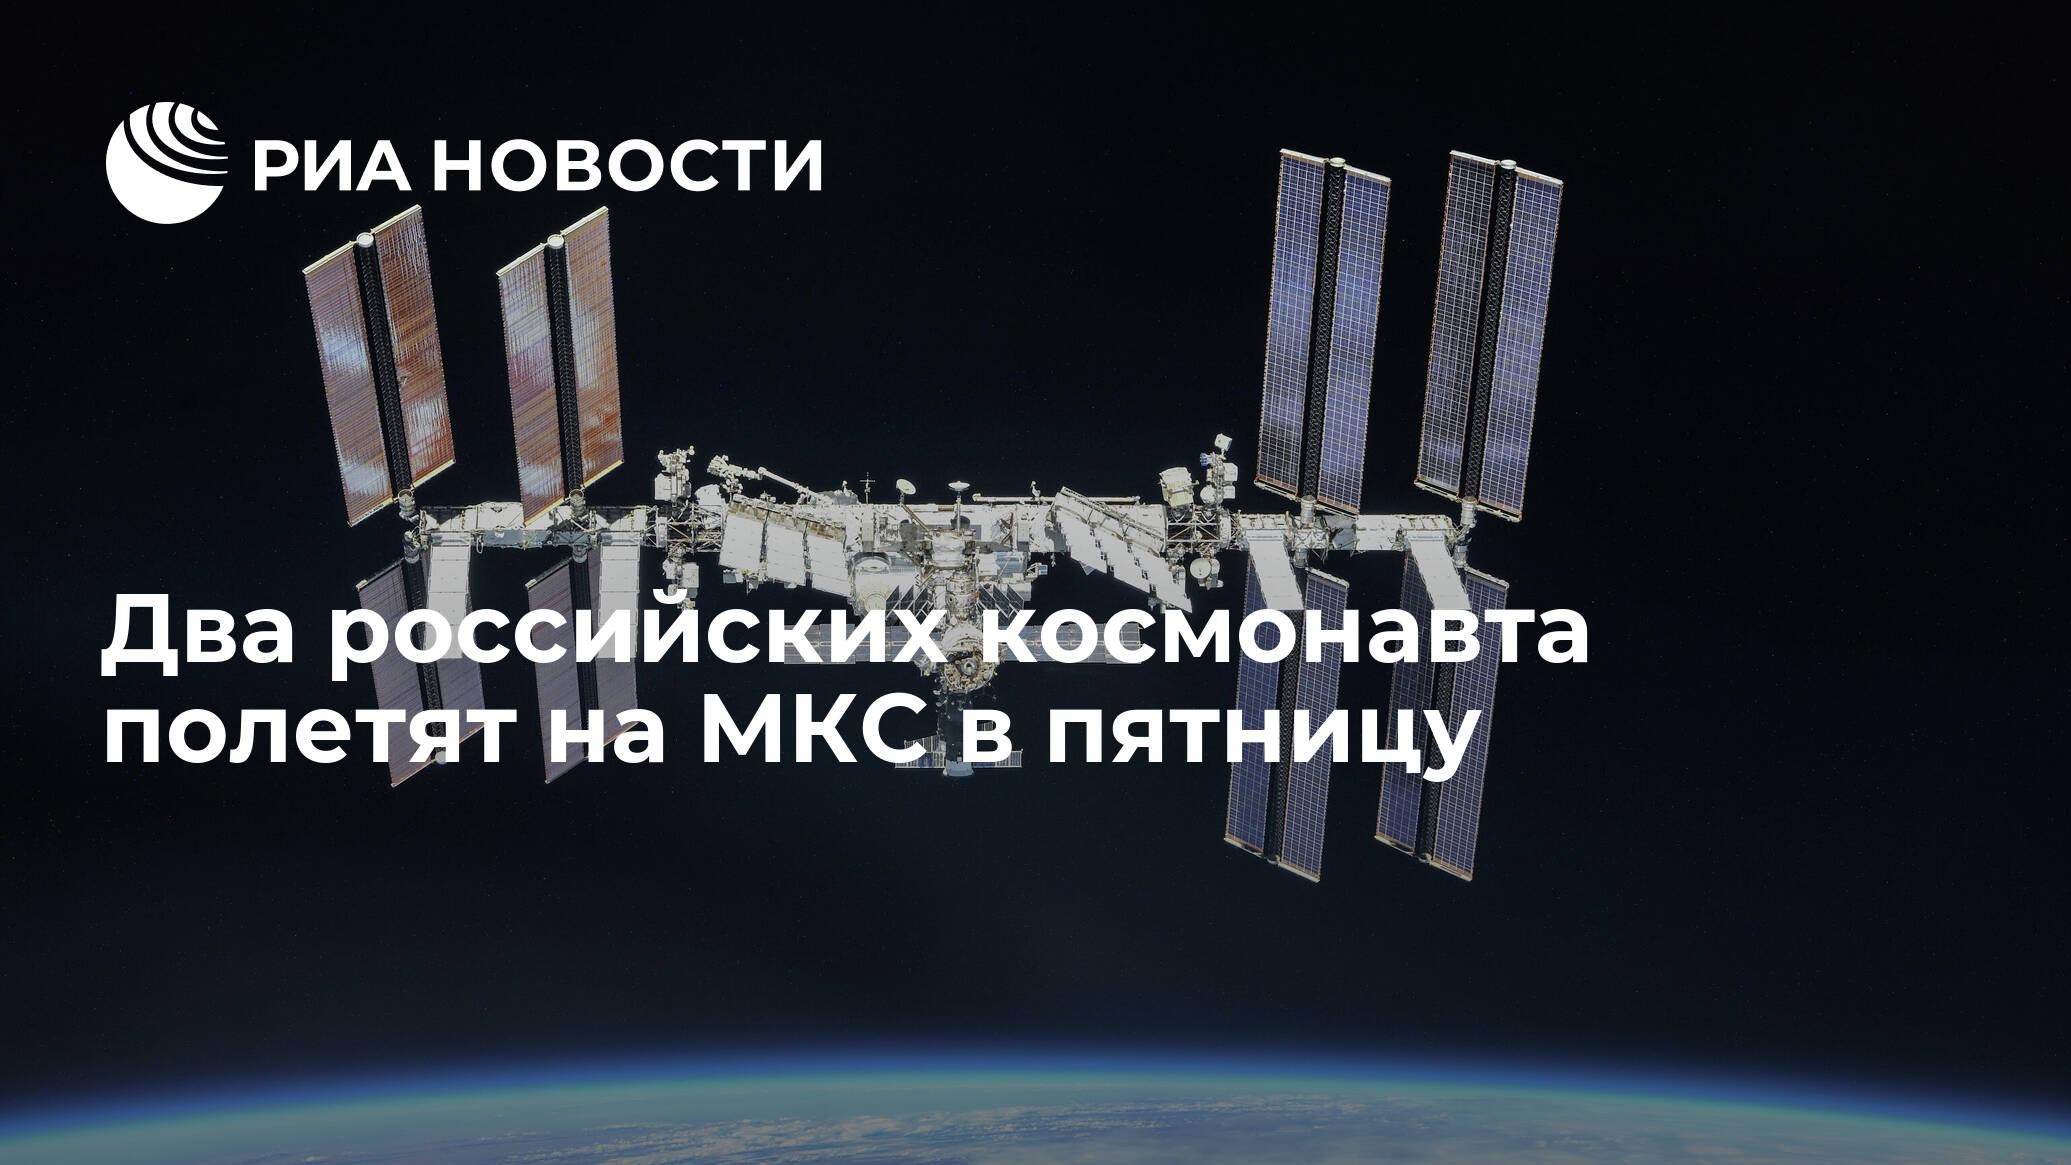 Два российских космонавта полетят на МКС в пятницу